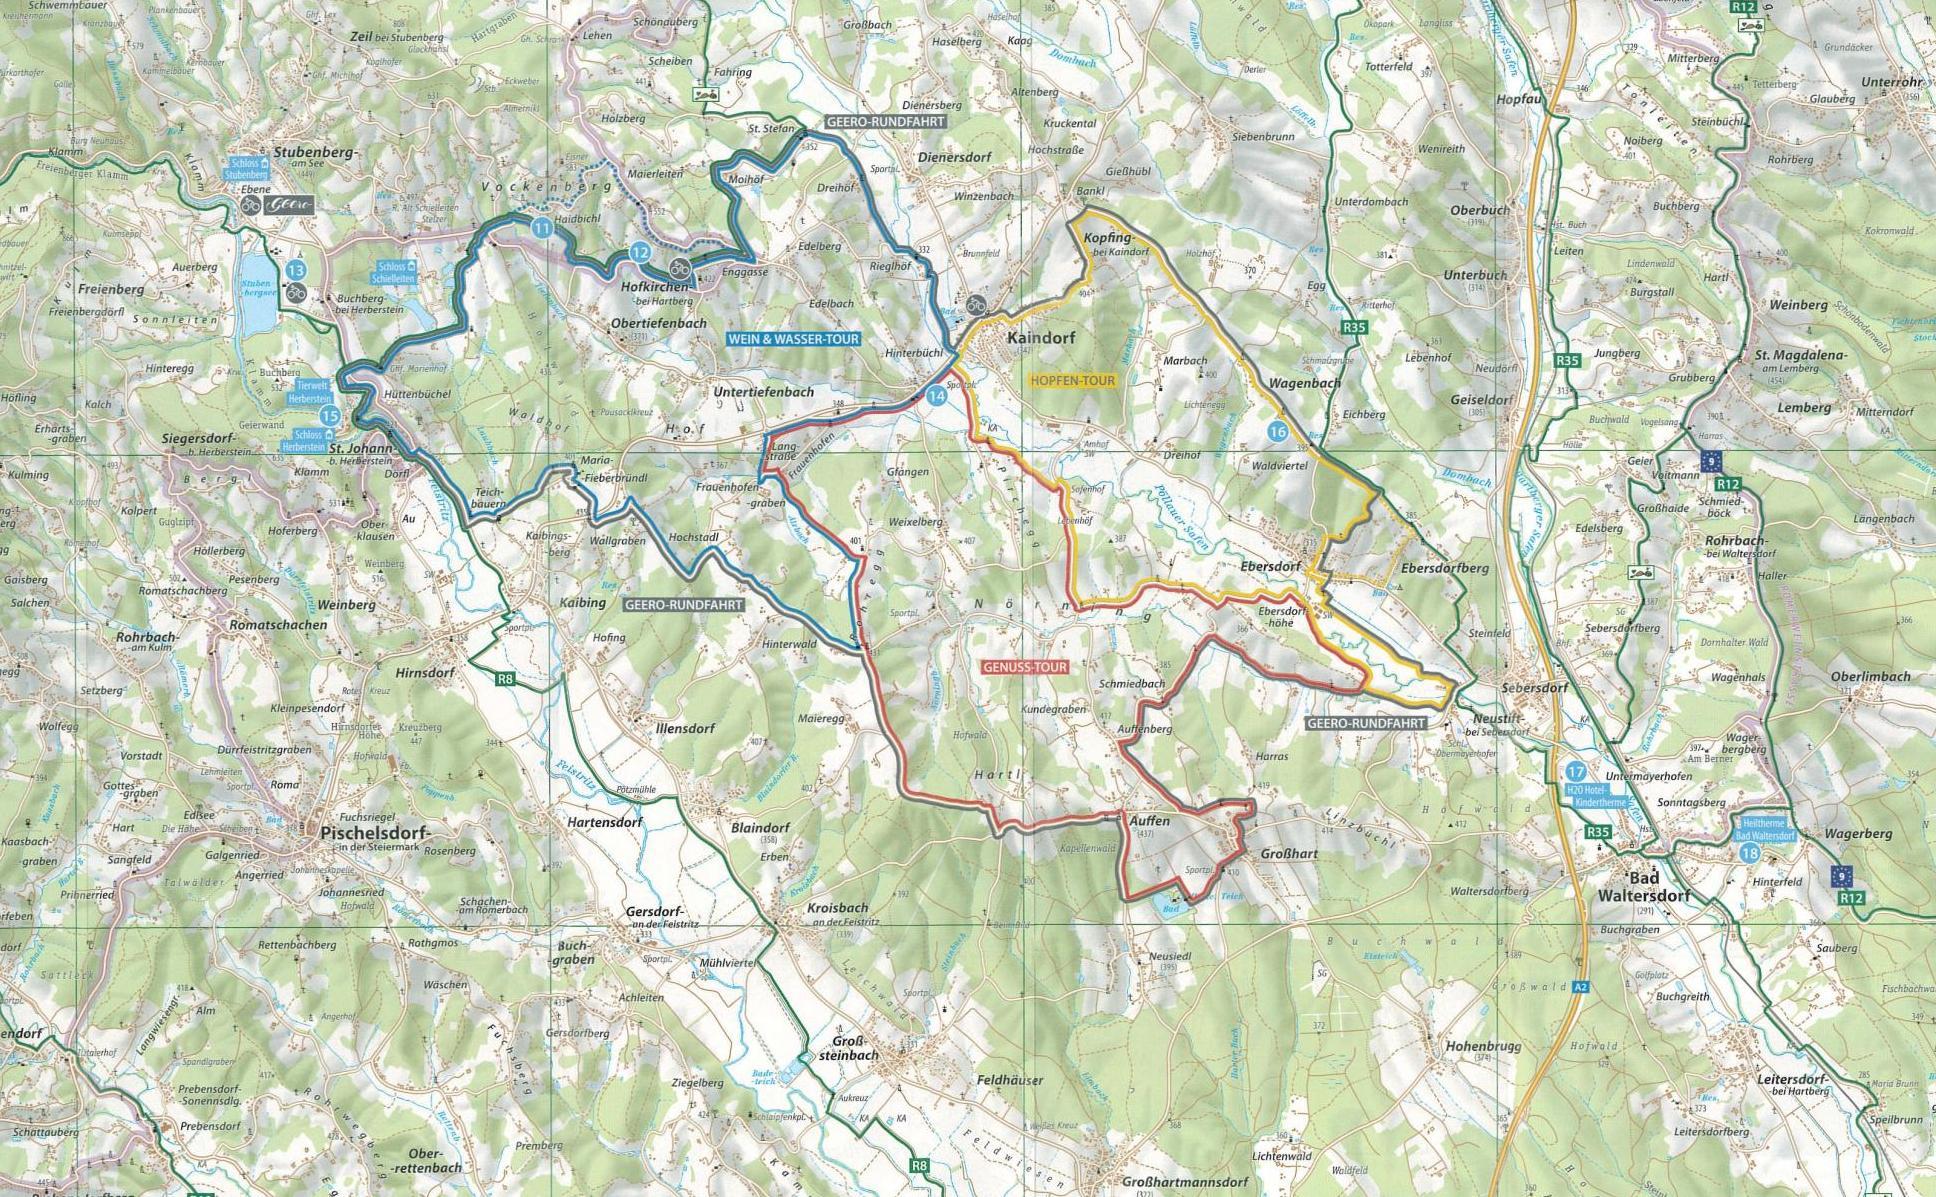 Radwegkarte Ökoregion Kaindorf